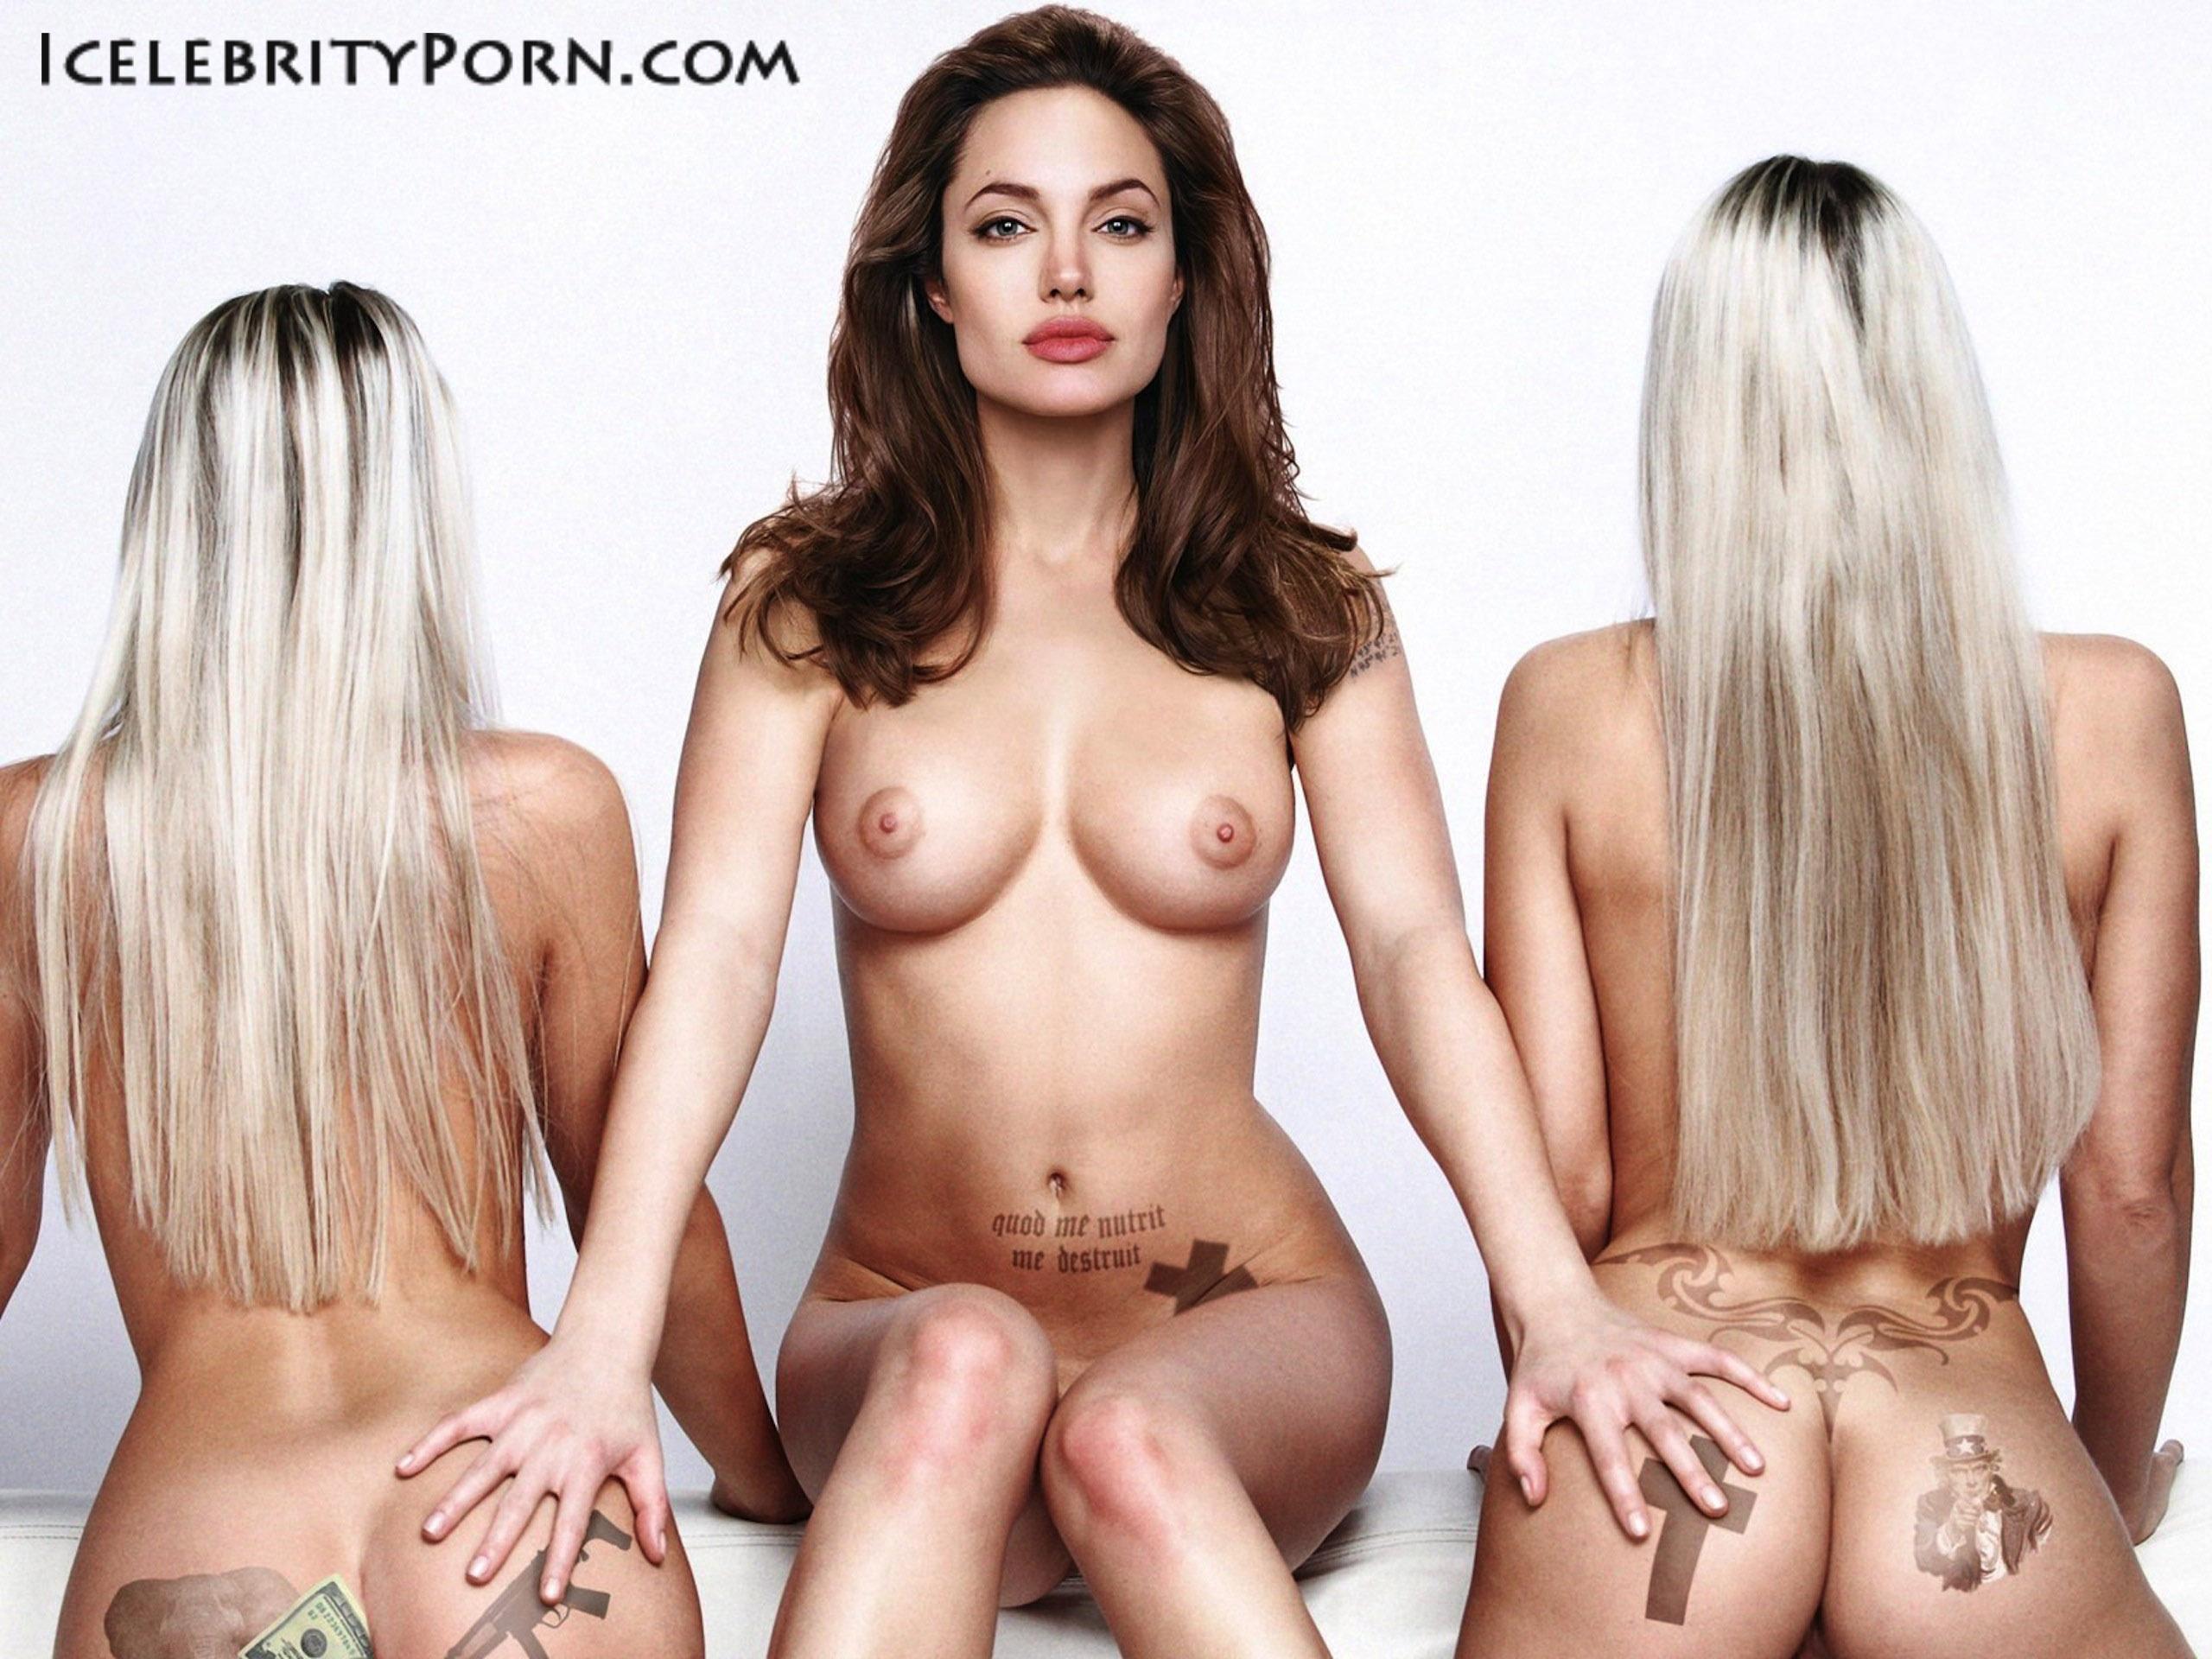 Angelina Jolie Porno Video video porno de angelina jolie follando en sus peliculas